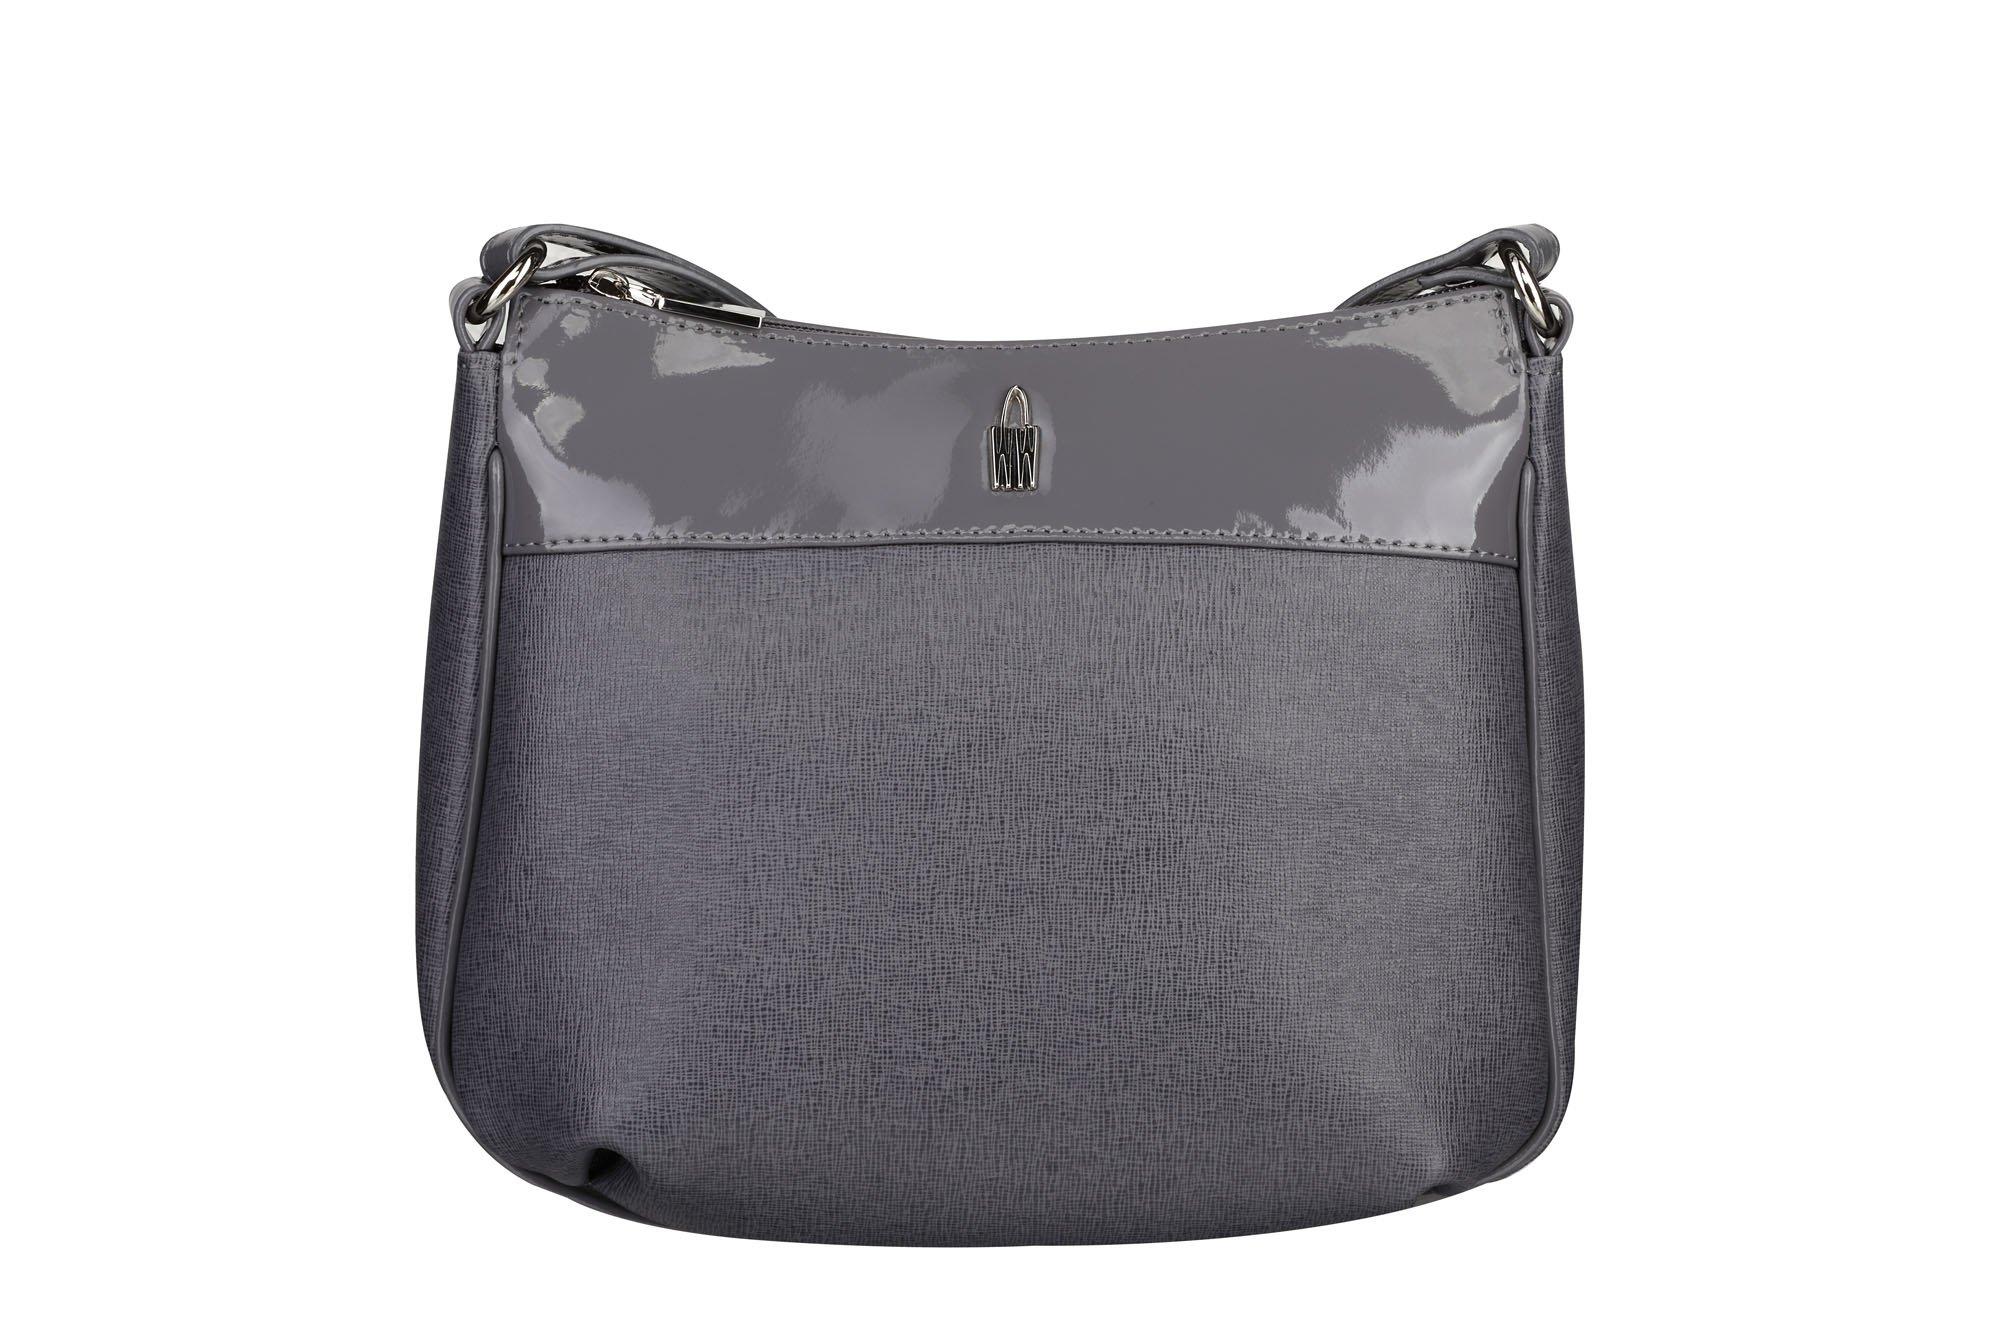 WOJEWODZIC Luxusní značkové kožené crossbody kabelky šedé Izabela 31303/EA23/PL23